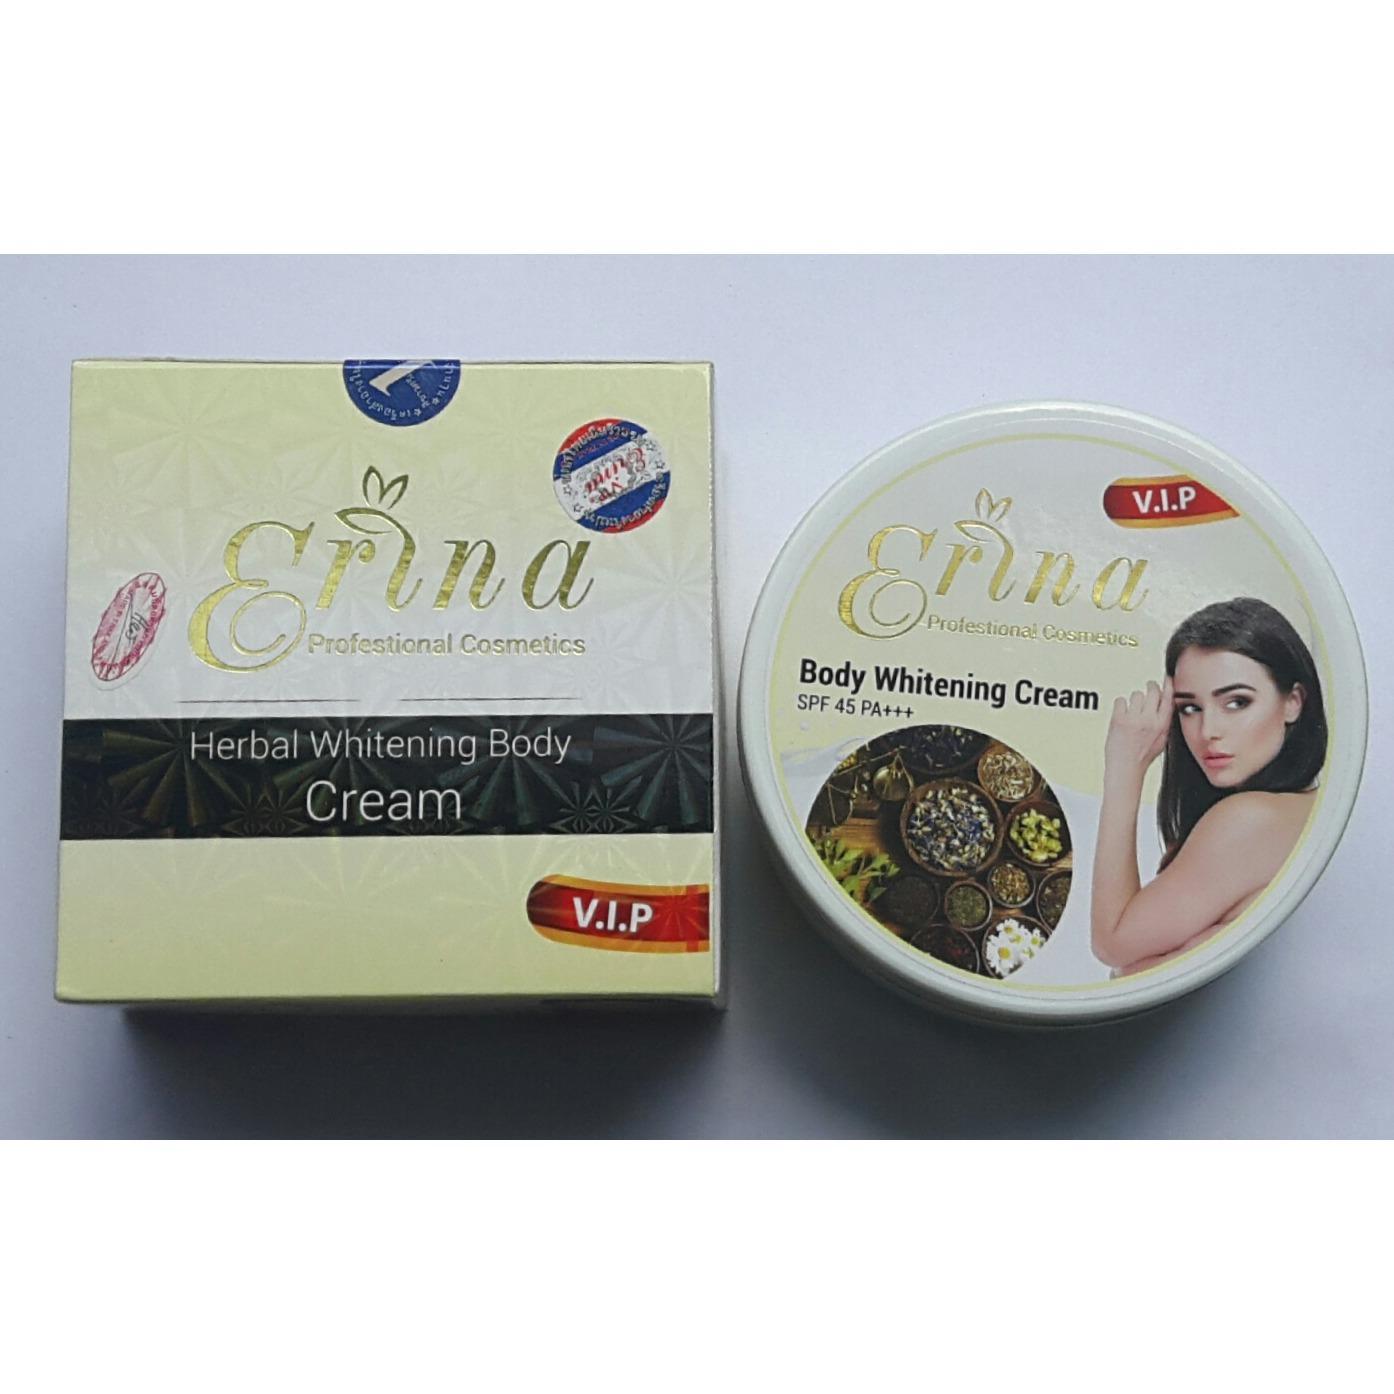 Mua Kem Dưỡng Trắng Thảo Dược Erina Herbal Whitening Body Cream Spf 45 Pa 250G Thai Lan Trong Việt Nam